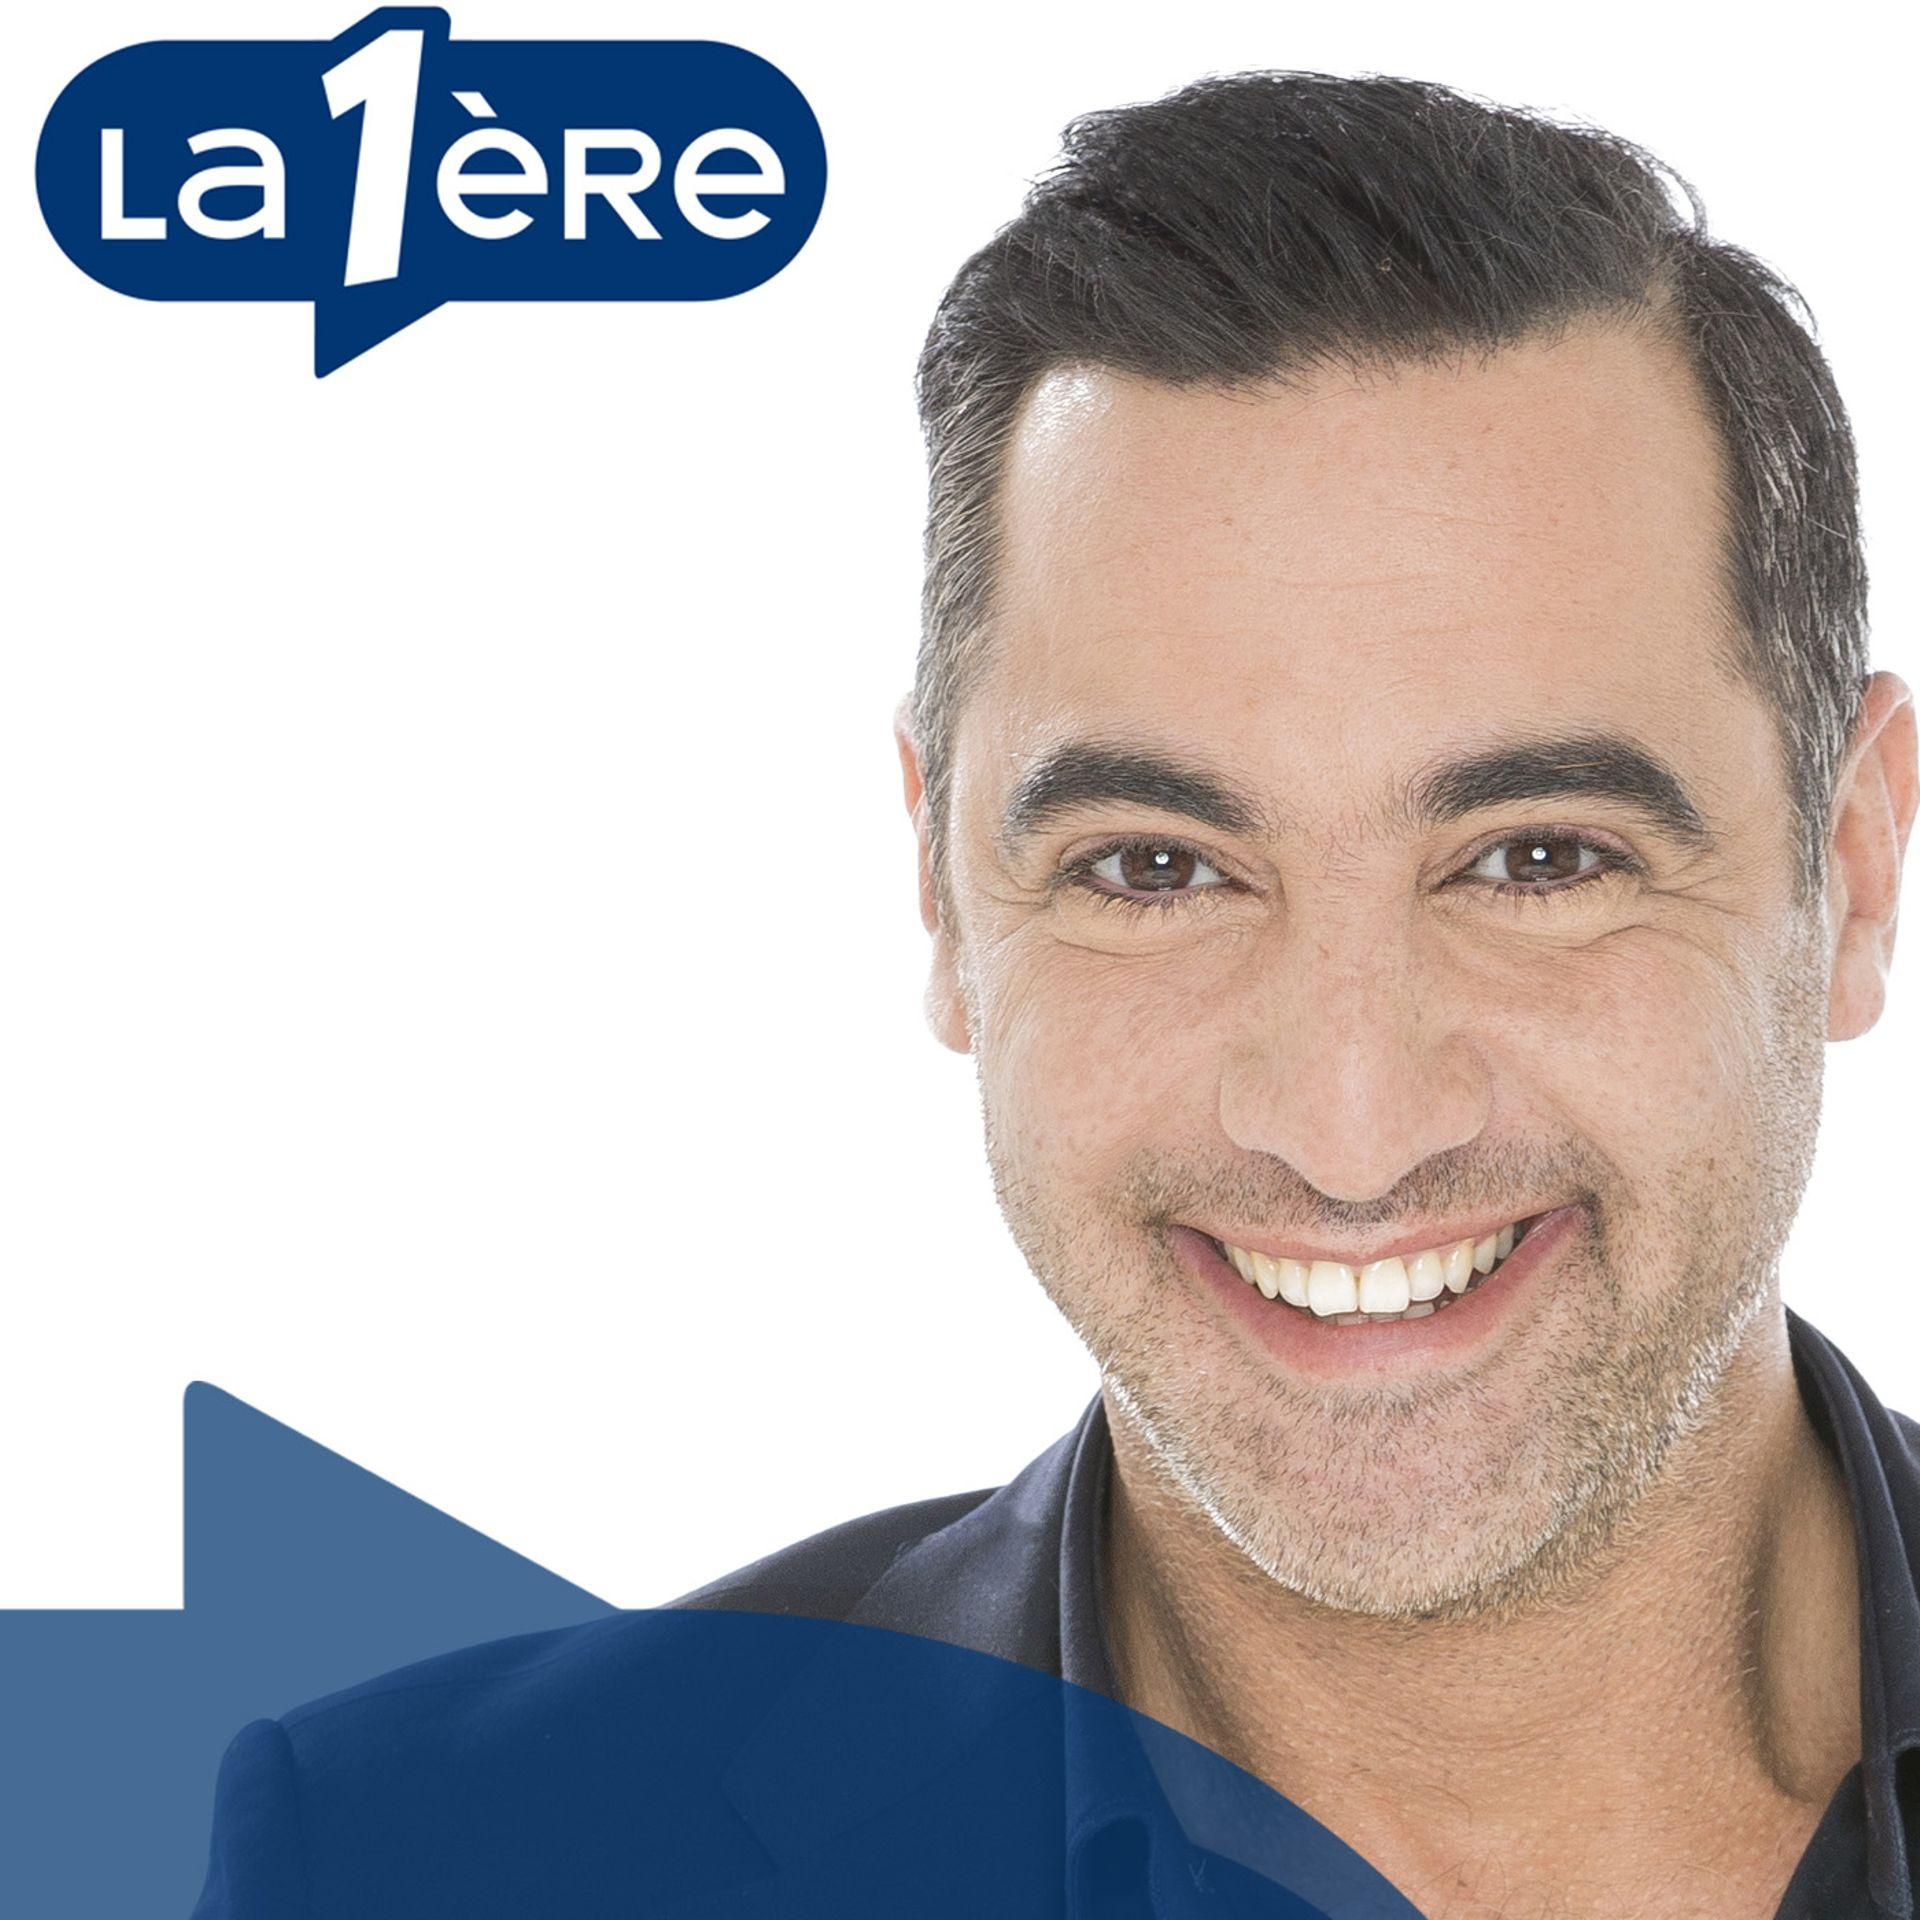 La Presque star - Vincent Borrel pour le premier magasin de cannabis légal - 19/07/2018